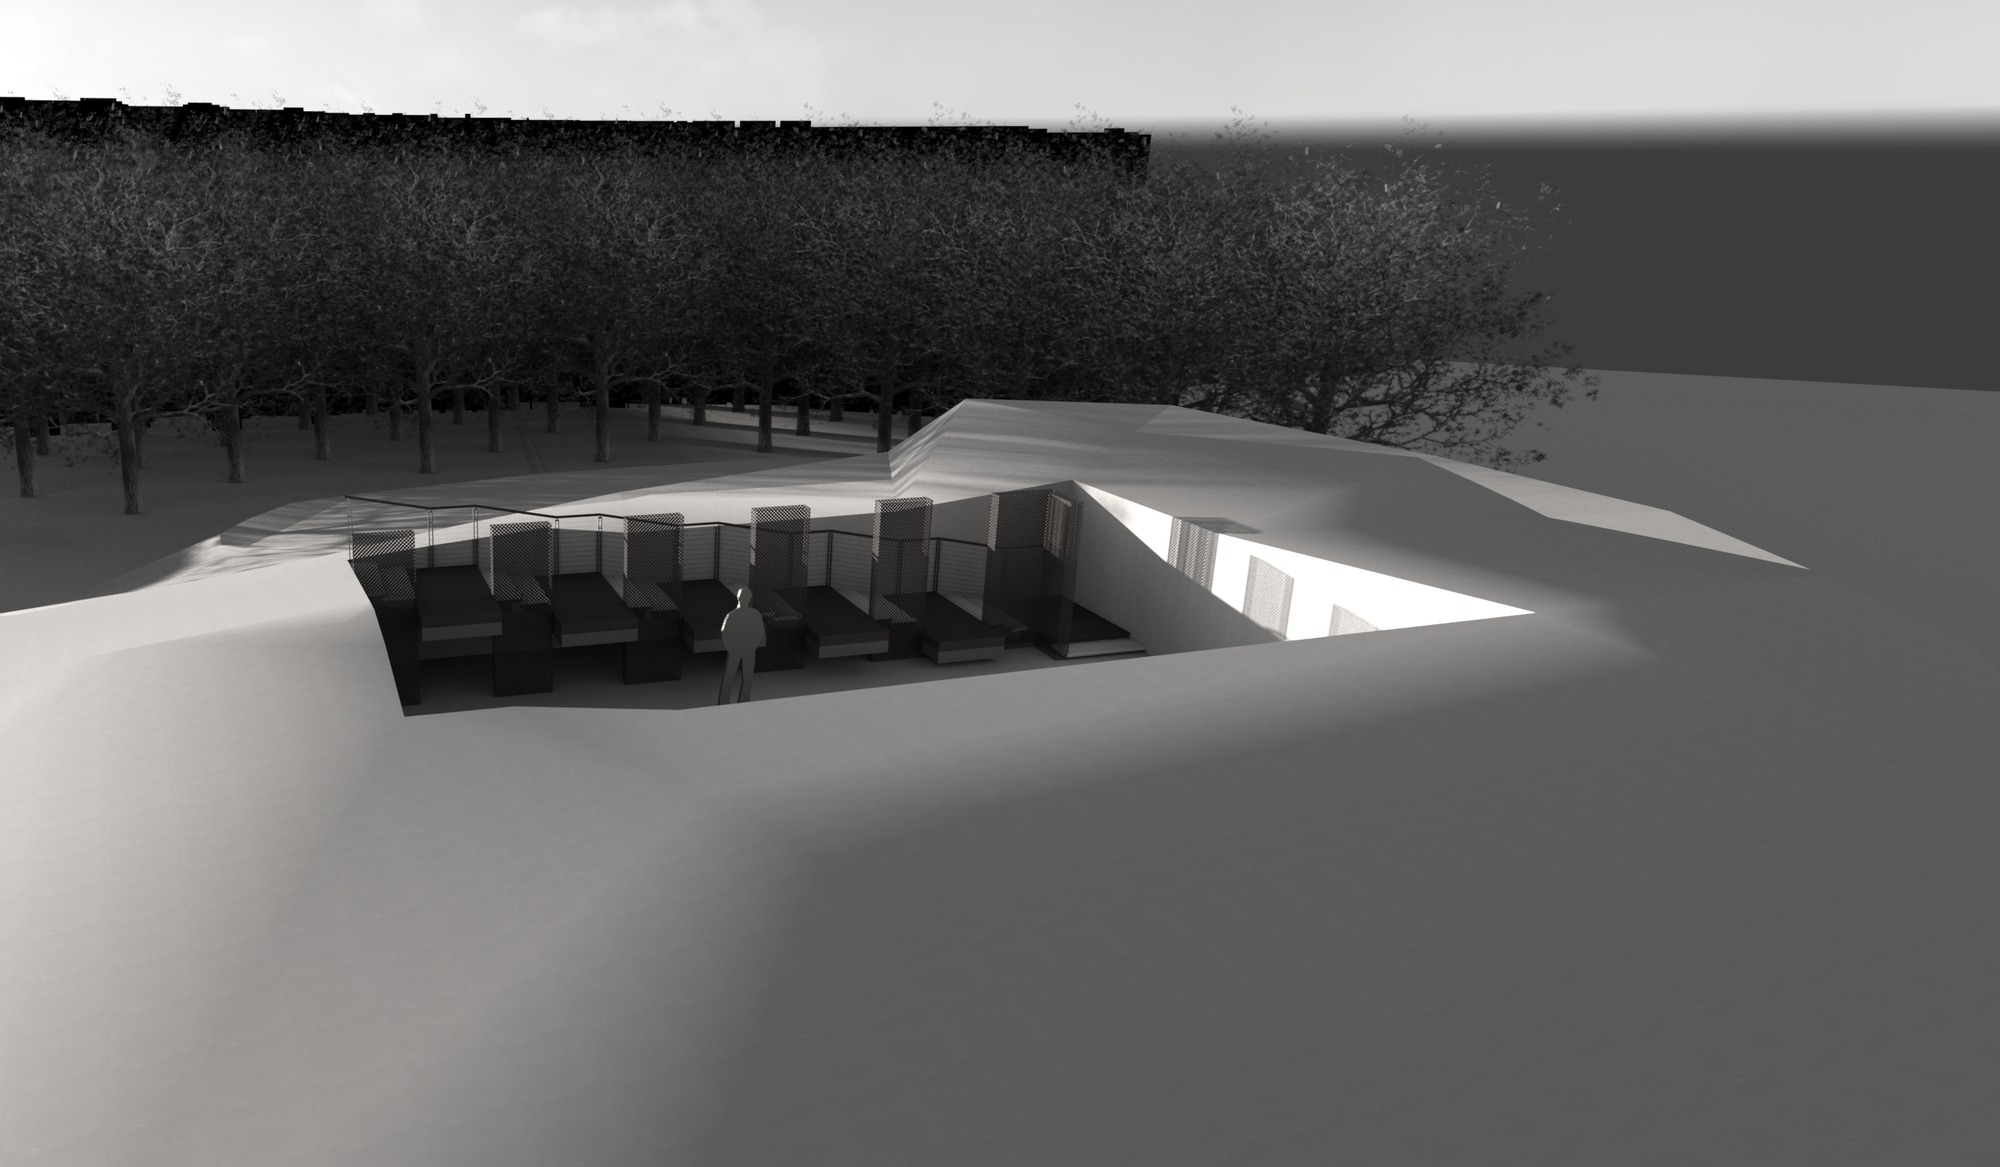 Raas-rendering20141211-8722-1kumt0d